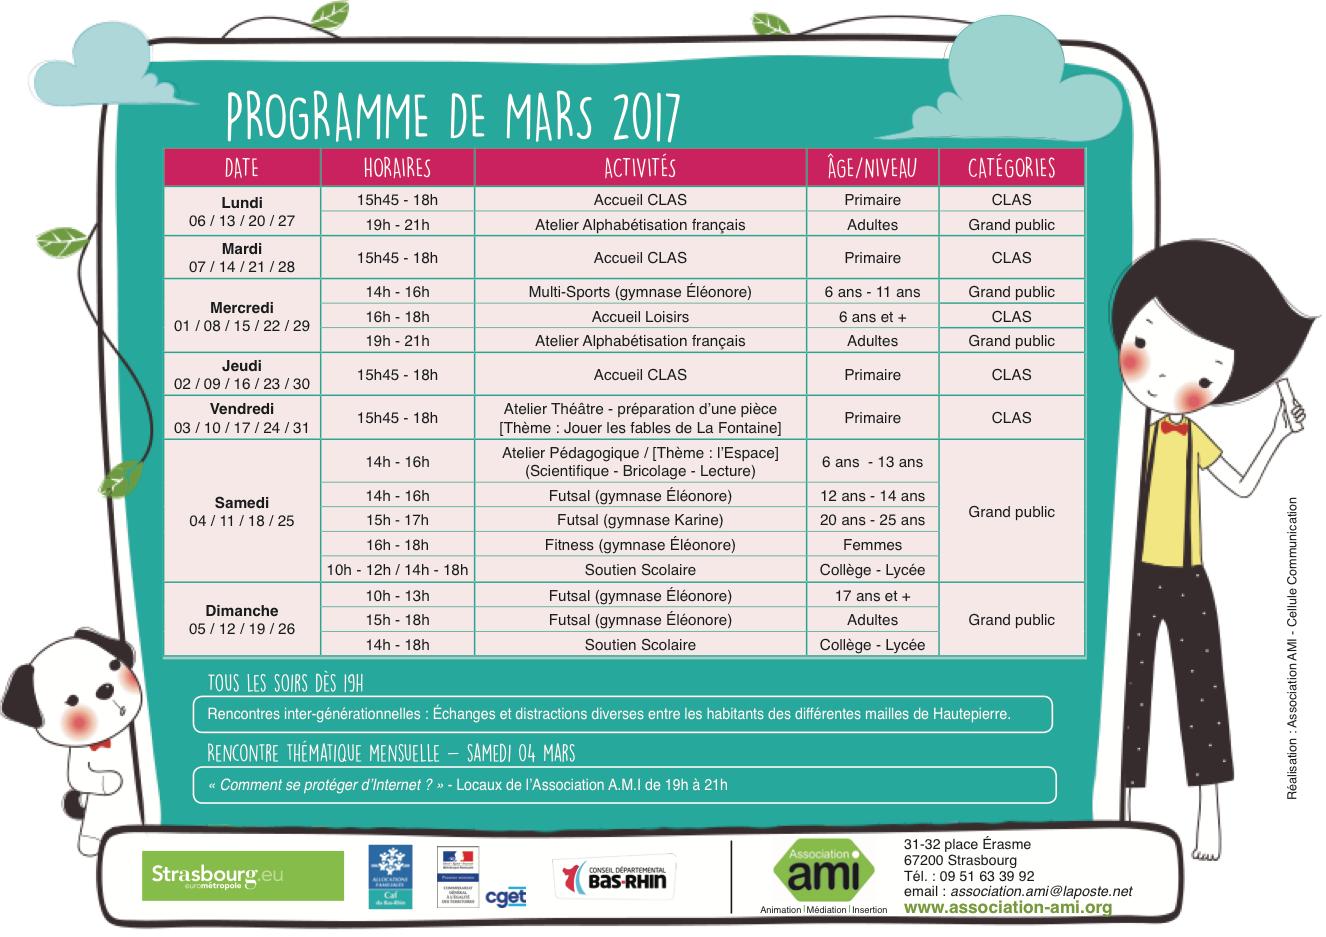 ⯑ Programme du mois de mars 2017